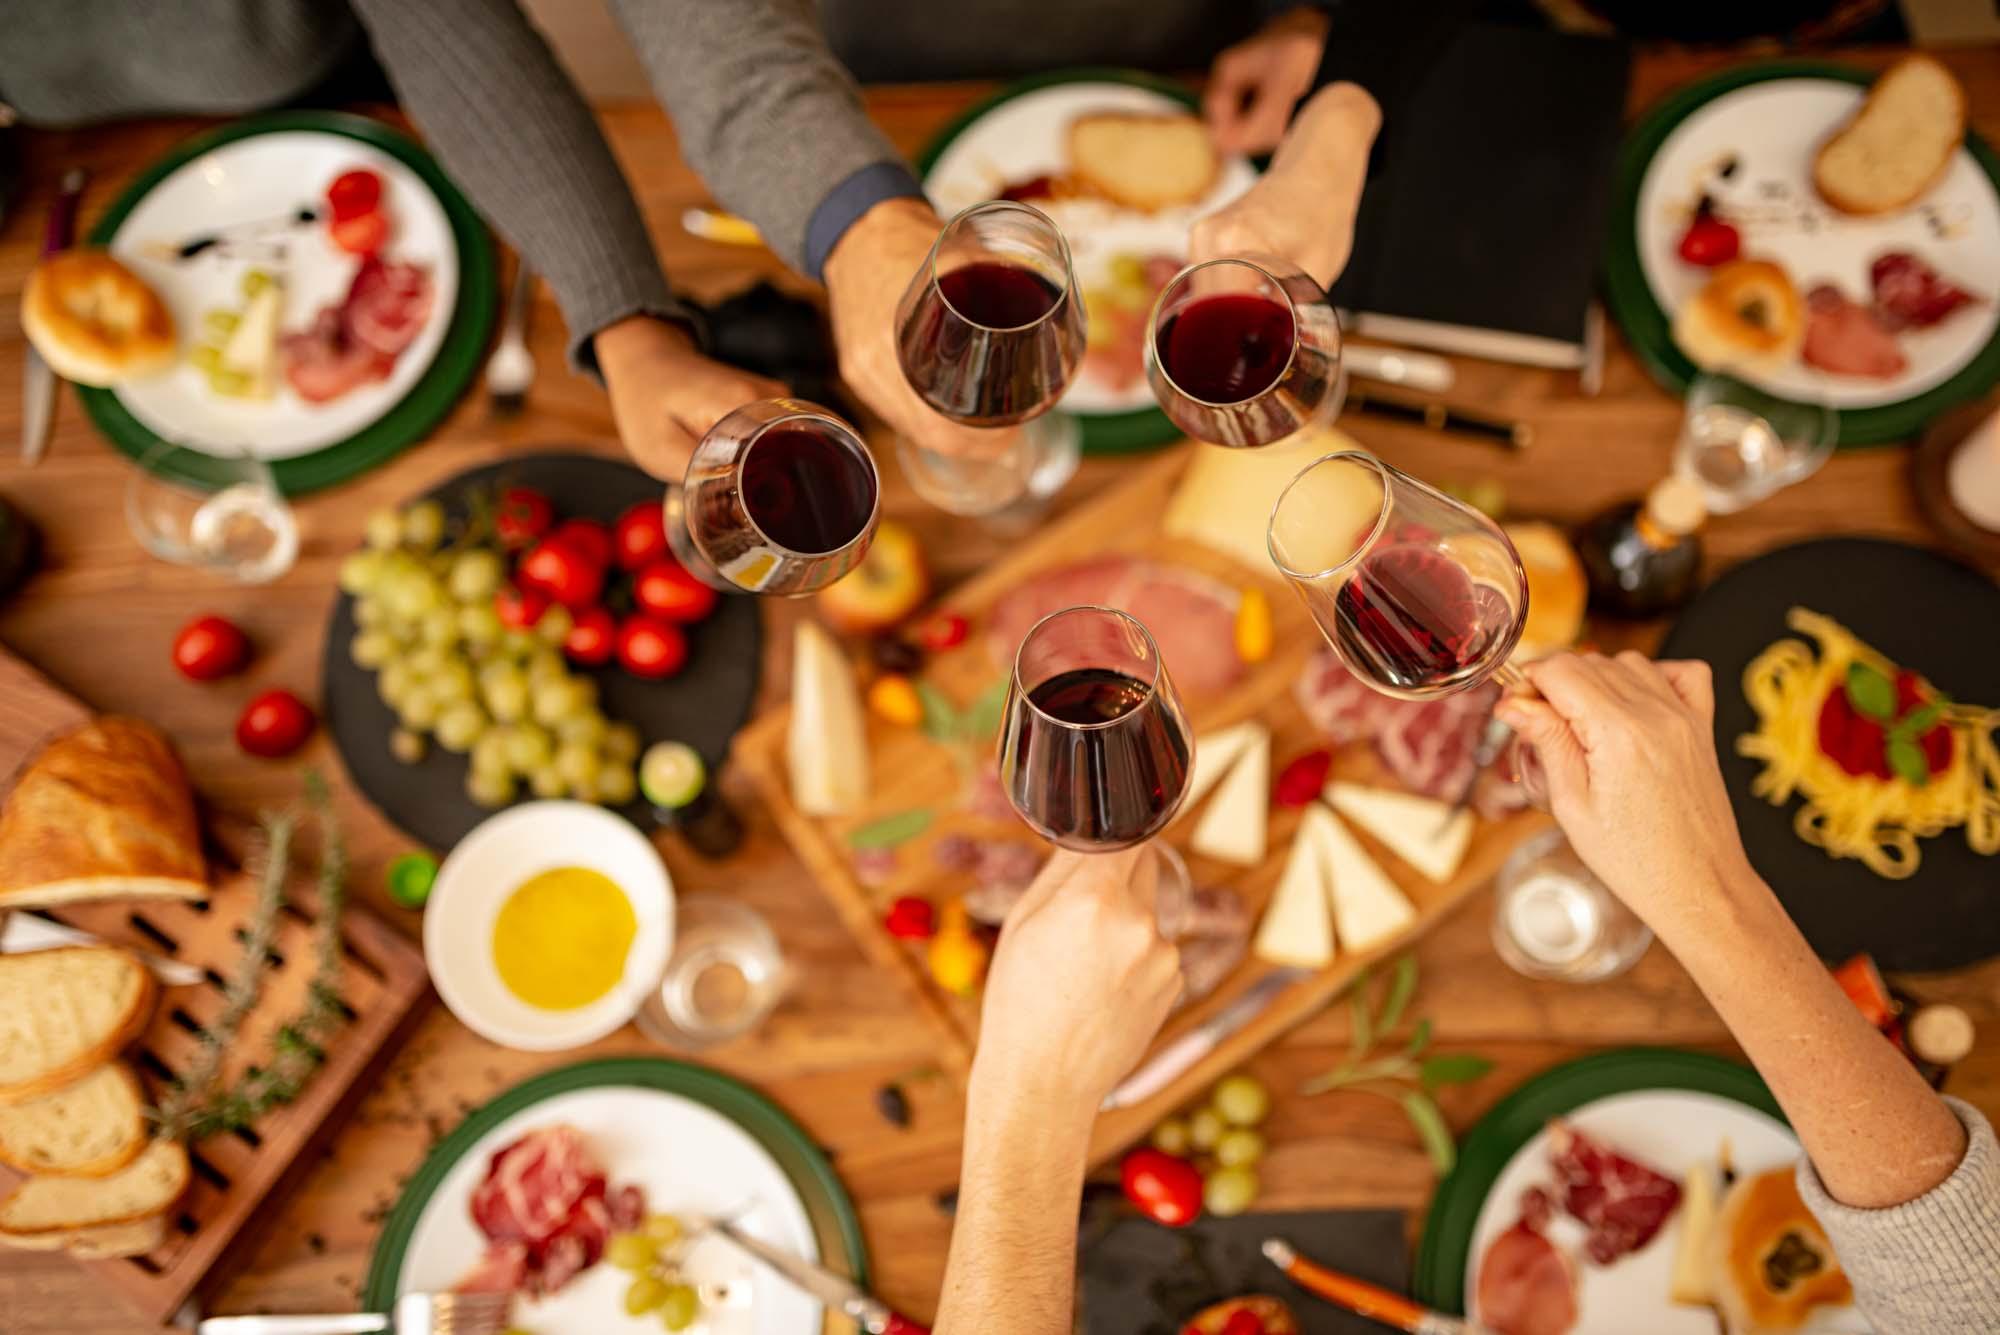 Degustazioni Enogastronomiche Eventi Aziendali a Trento